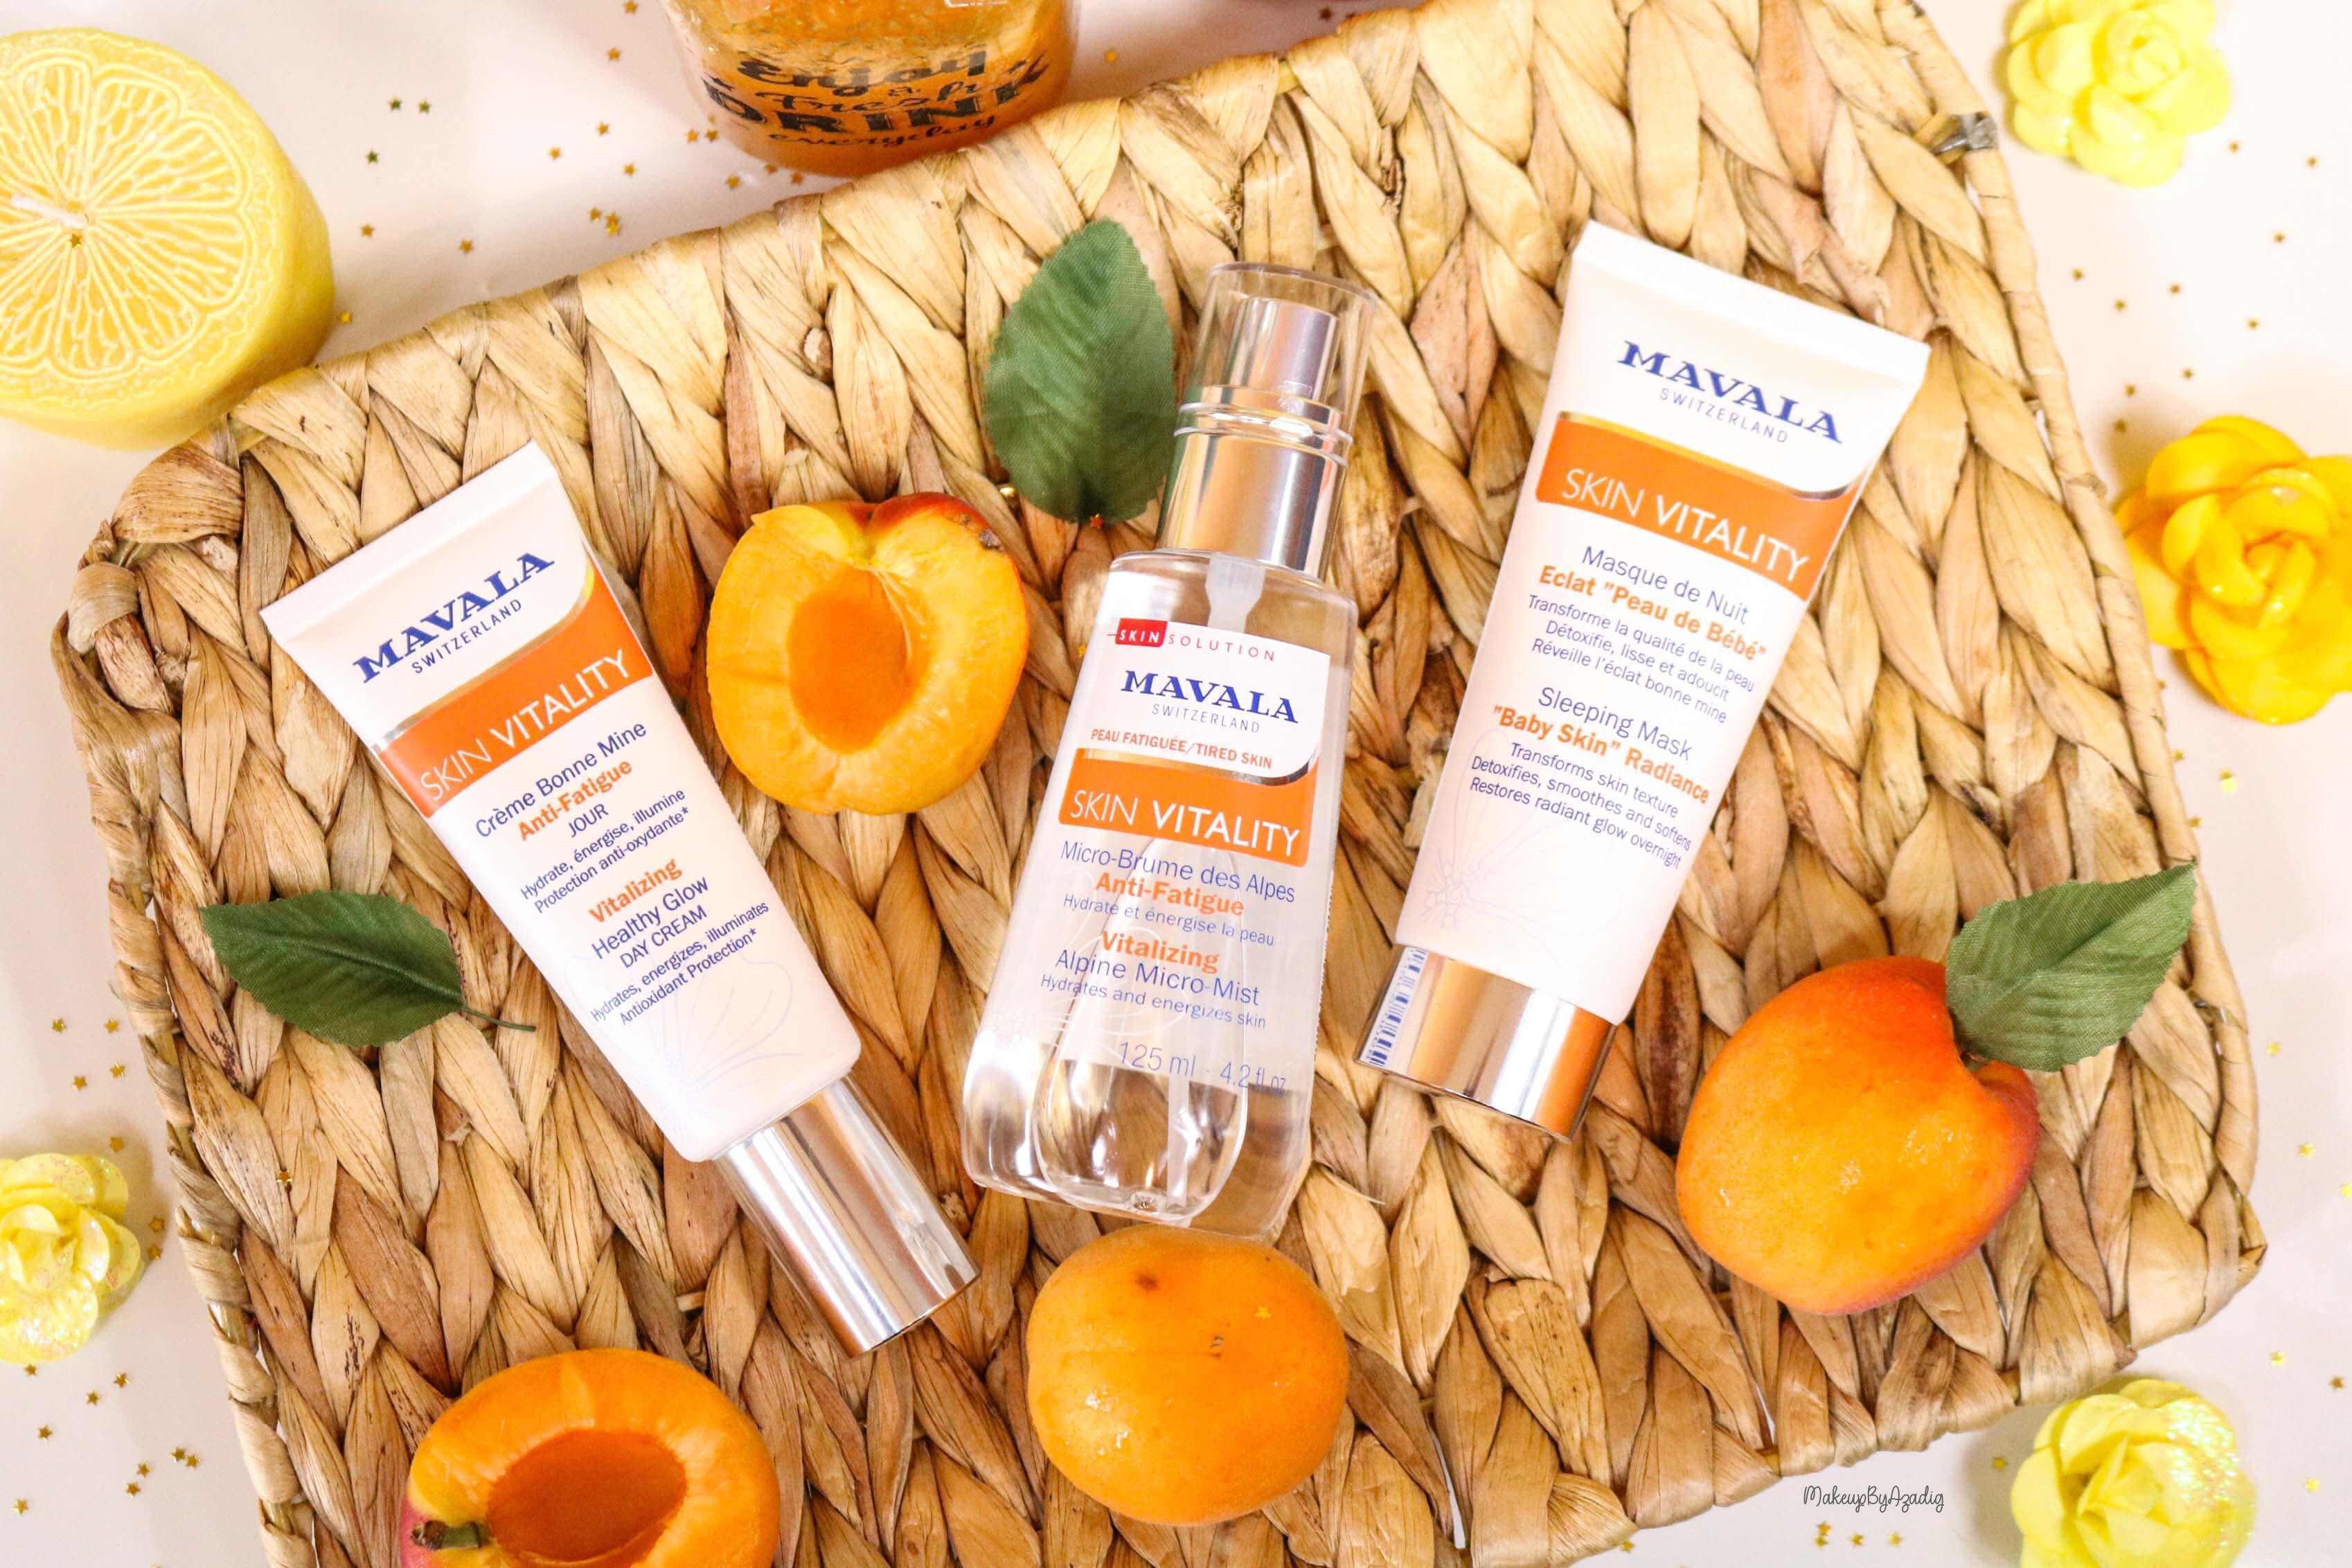 revue-routine-soin-bio-efficace-peau-sensible-skin-vitality-mavala-suisse-masque-nuit-serum-creme-jour-makeupbyazadig-nouveautes